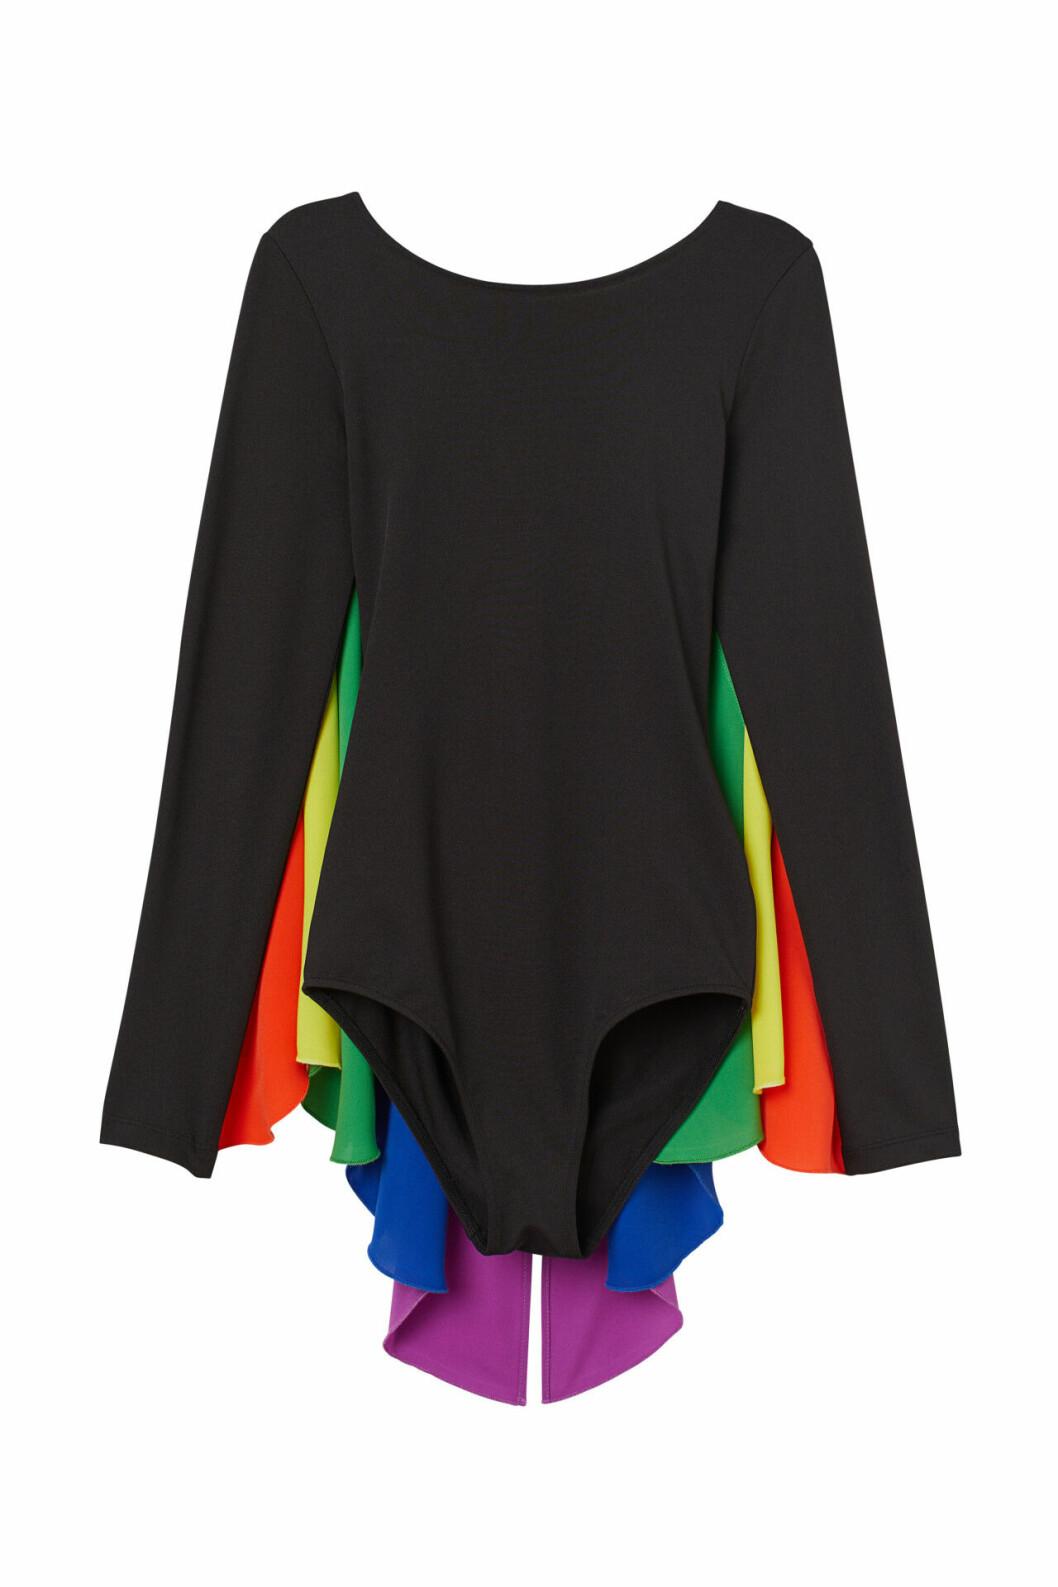 H&M släpper Pridekollektion för 2019 – svart body